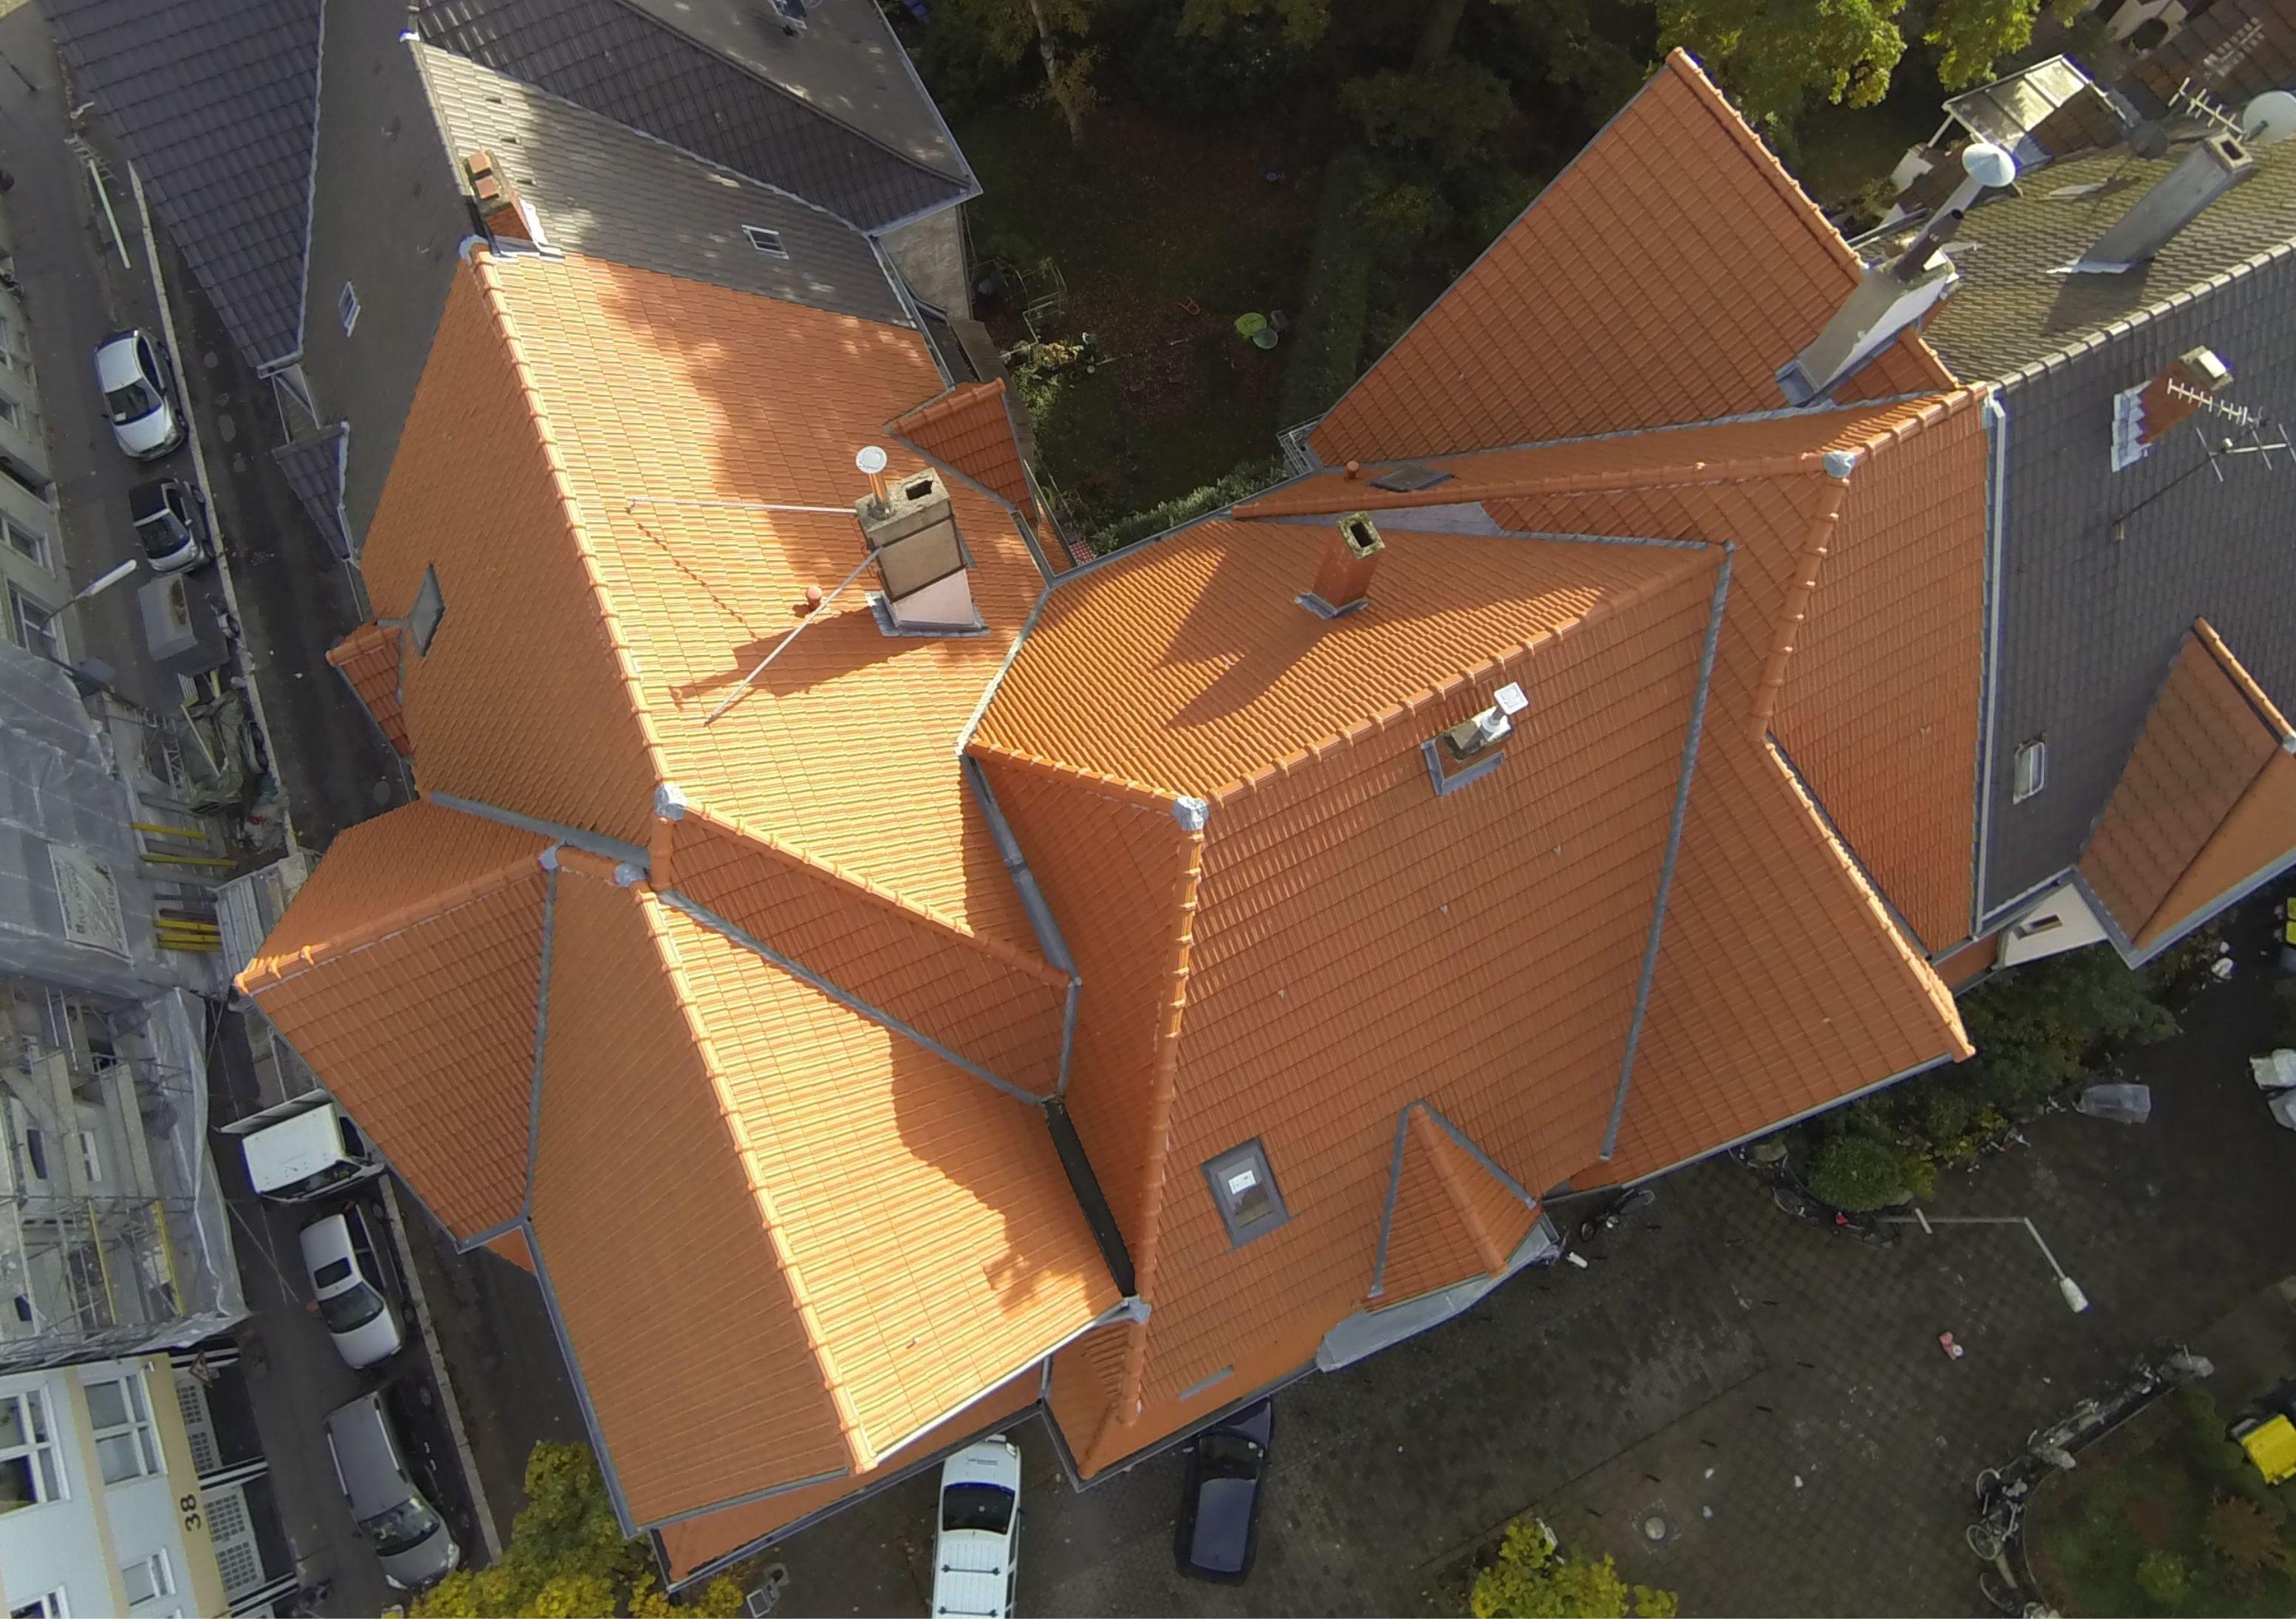 Das Gebäude hat eine recht anspruchsvolle Geometrie, was durch unsere Luftaufnahmen erst so richtig zu ersehen ist.